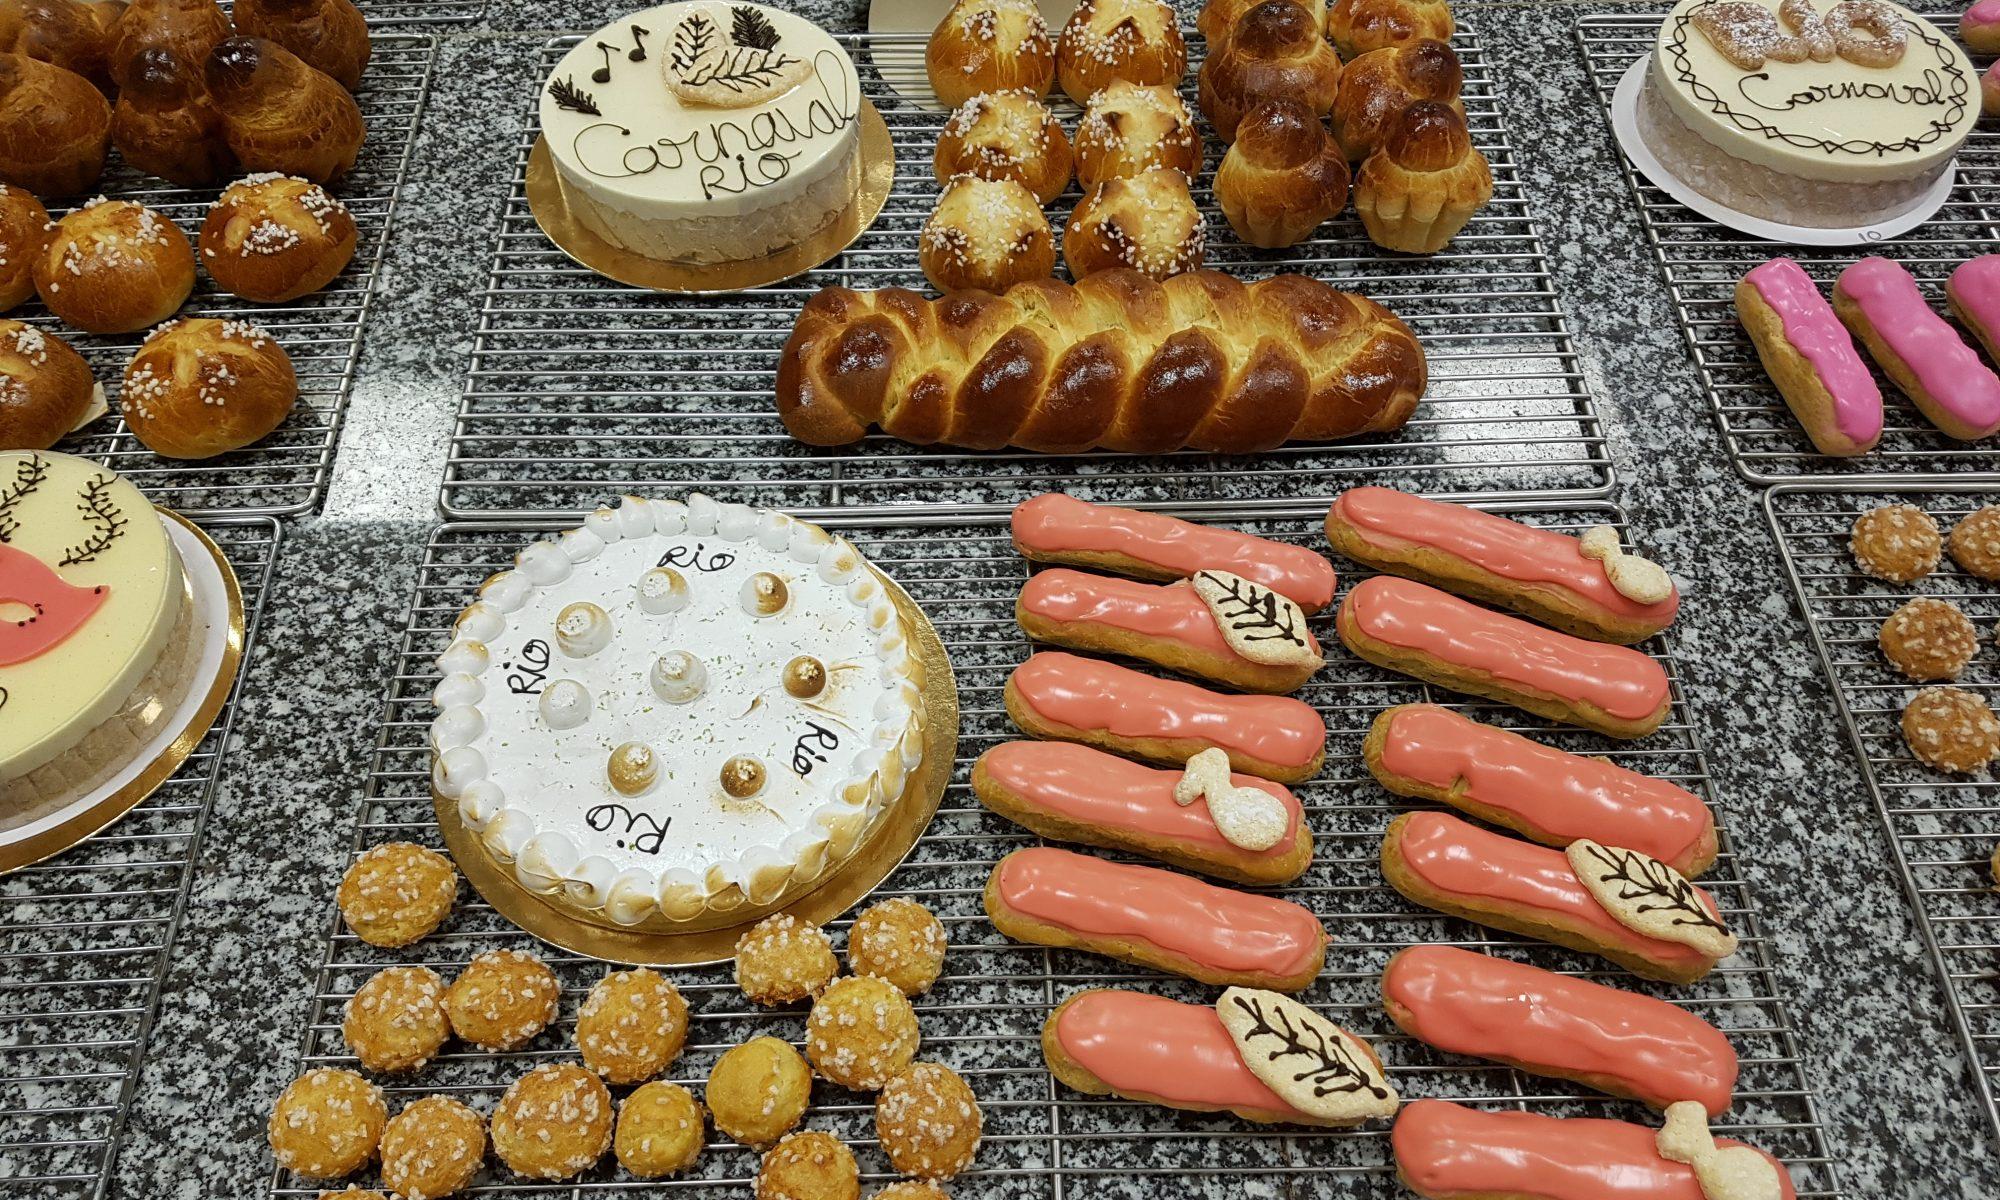 Production de la journée du CAP blanc : brioches, tarte citron meringuée, éclairs framboise, chouquettes, entremets vanille framboise.